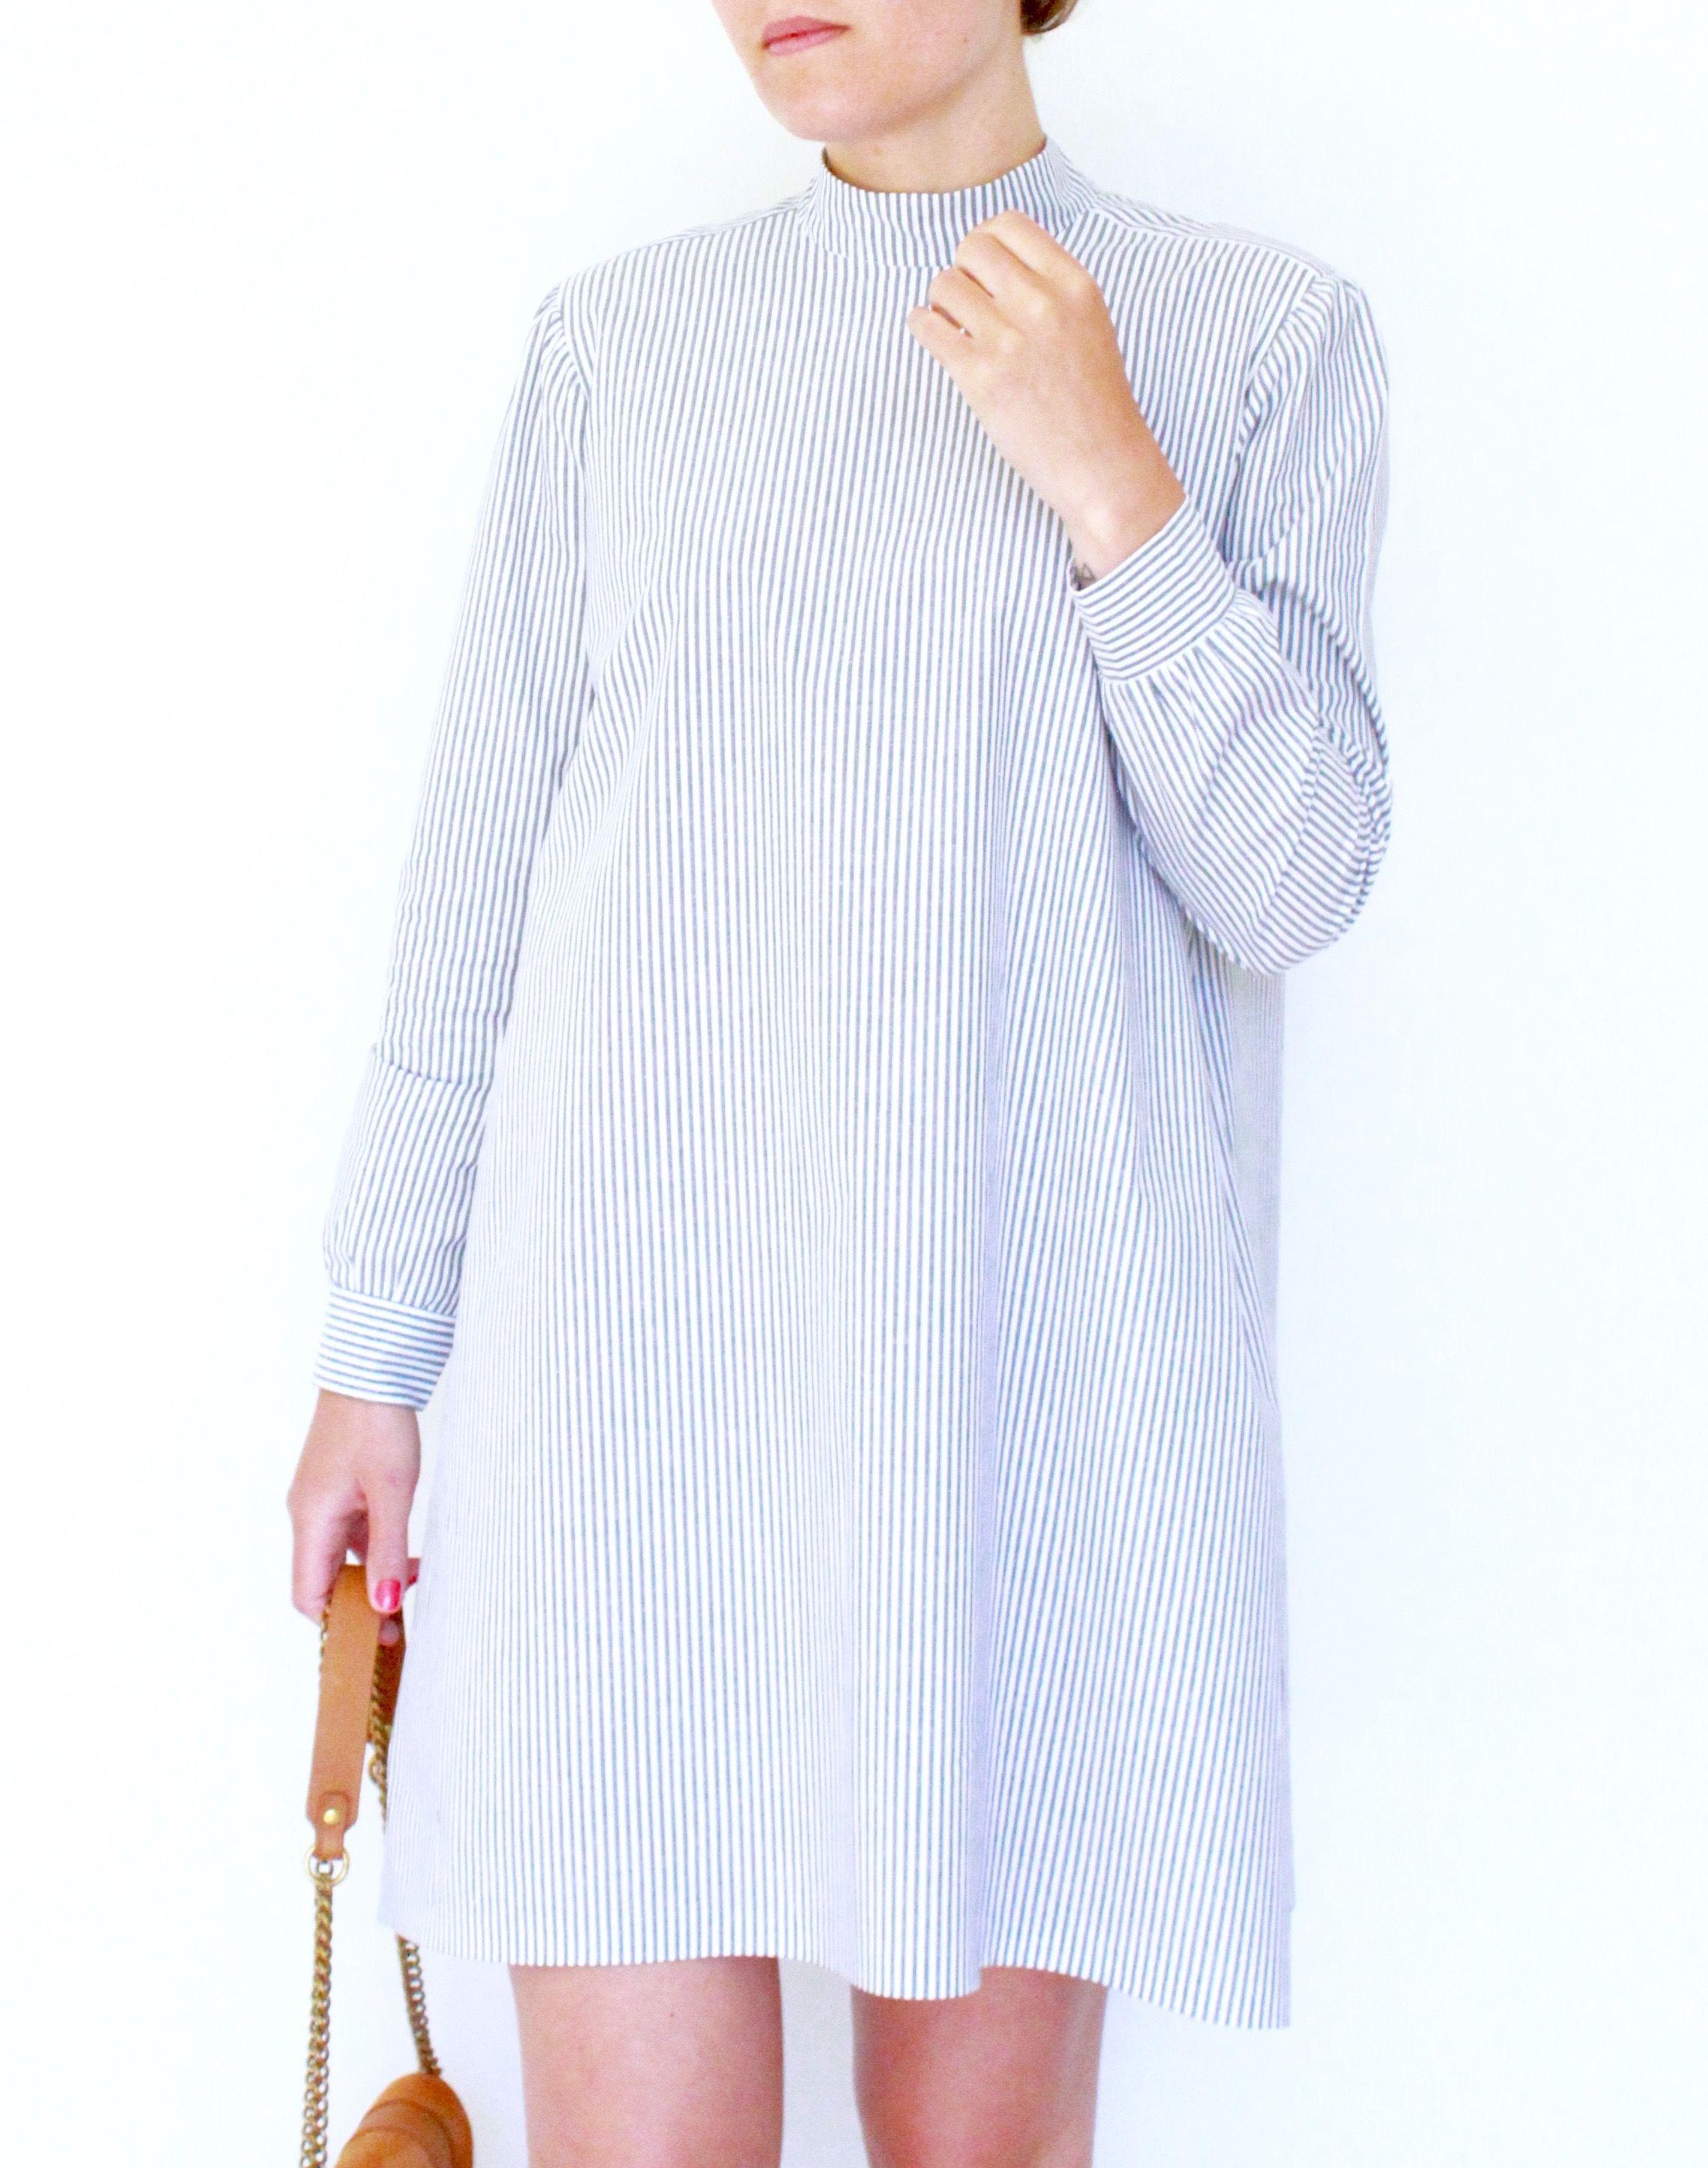 6aa189d9390a2 Les patrons de couture Le laboratoire familial. SIXTINE. Vêtements Femmes,  Sixtine, Robe